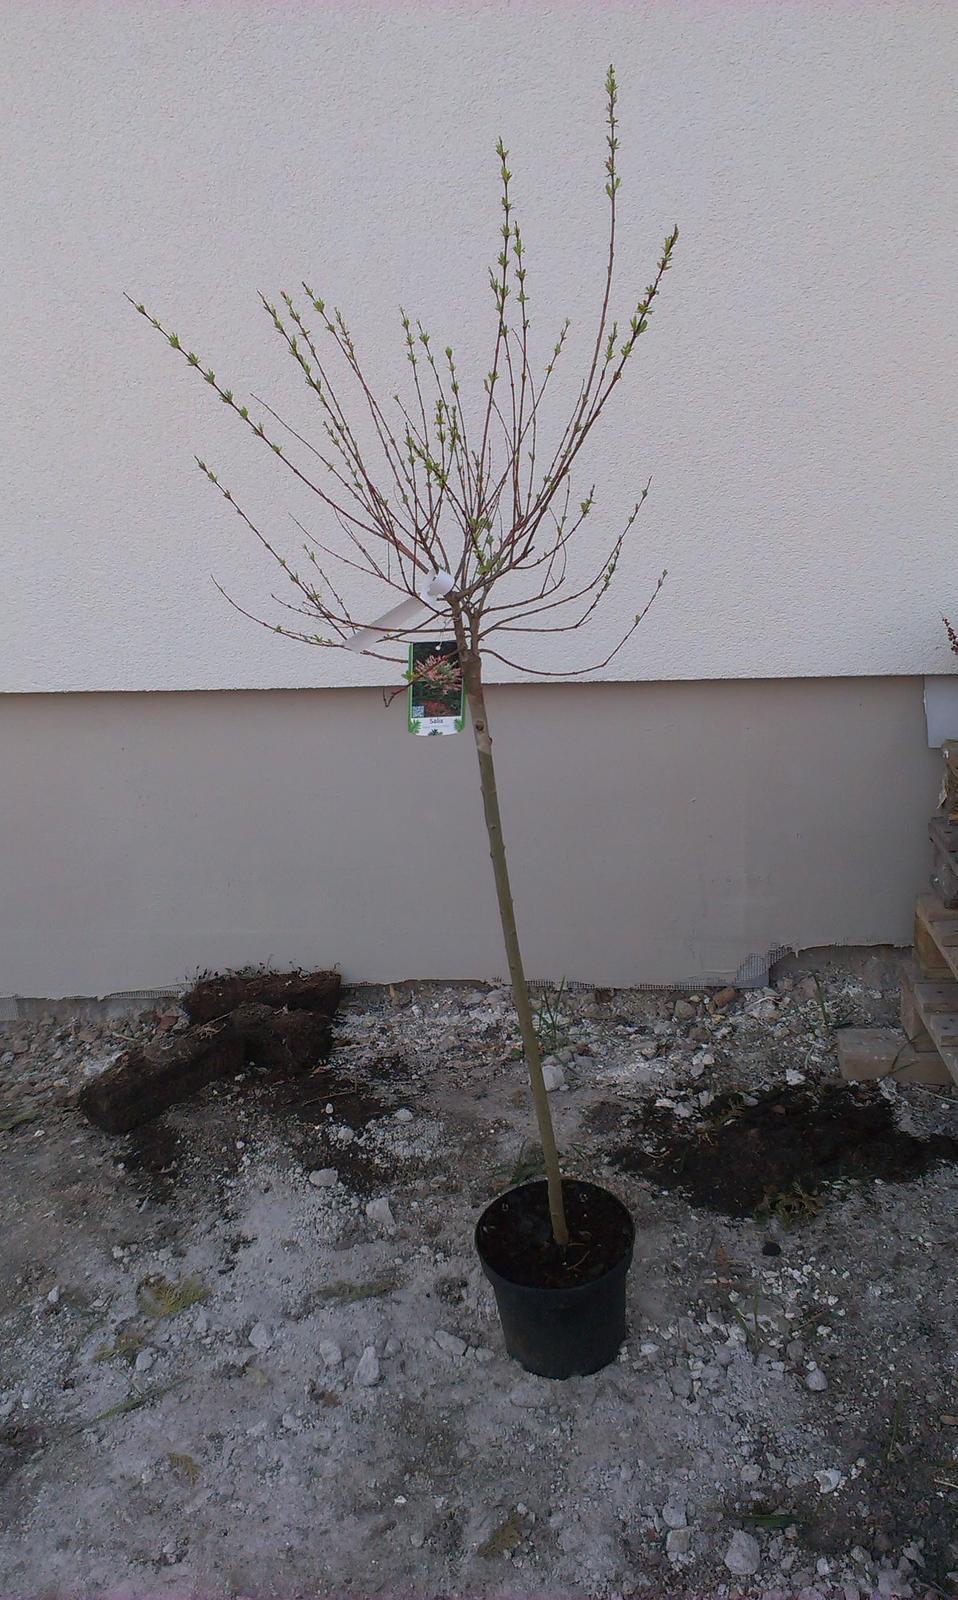 Záhrada - Japonská vrbička - na tú sa obzvlášť teším